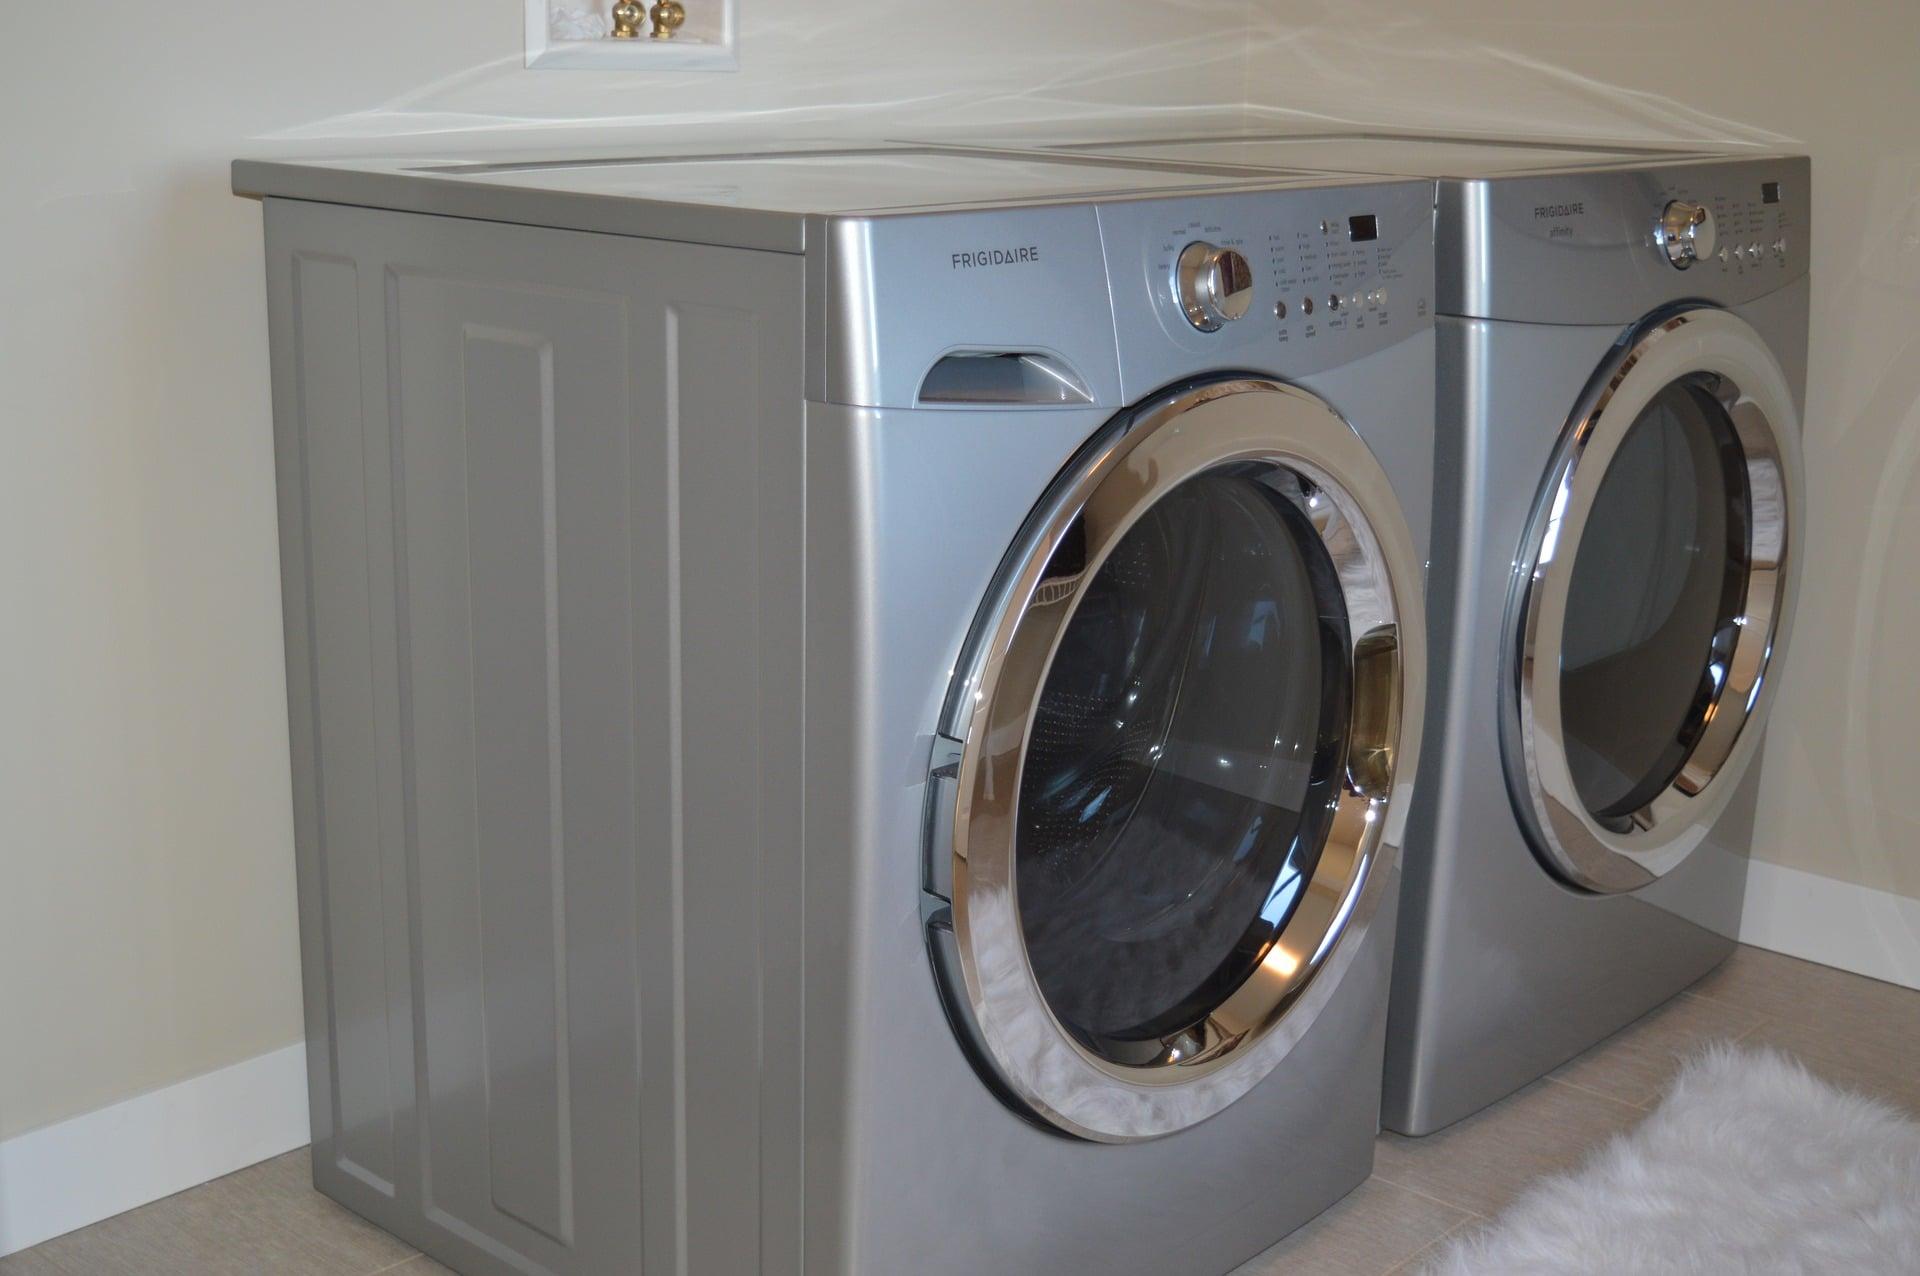 Migliori lavatrici: Caratteristiche e Prezzi - Tabbid Blog